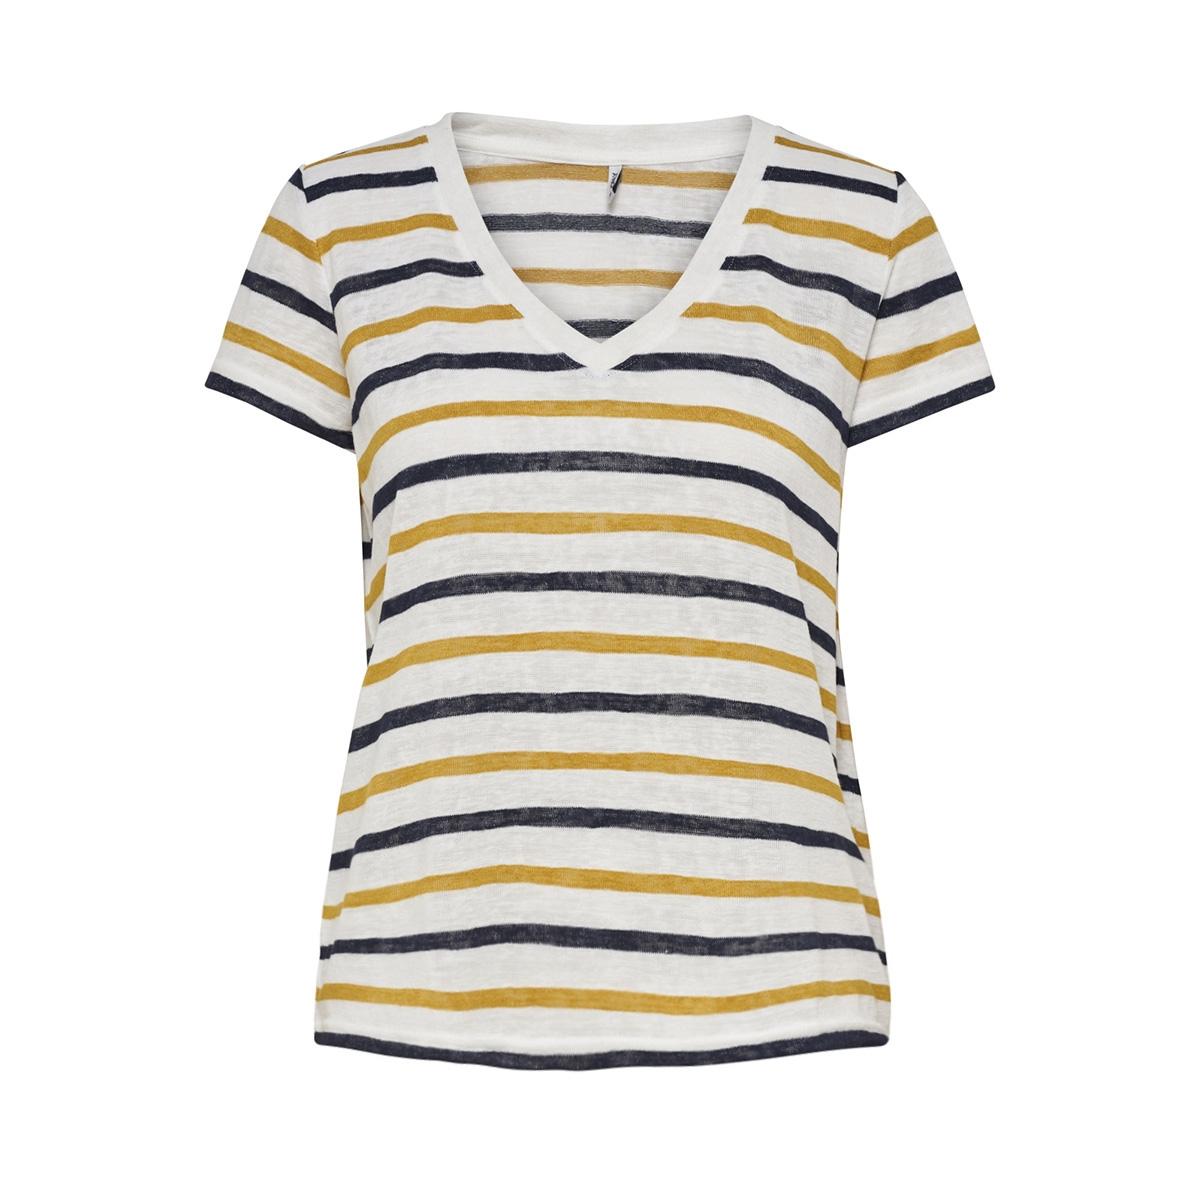 onldina  s/s deep v-neck  top jrs 15174622 only t-shirt cloud dancer/mango moji